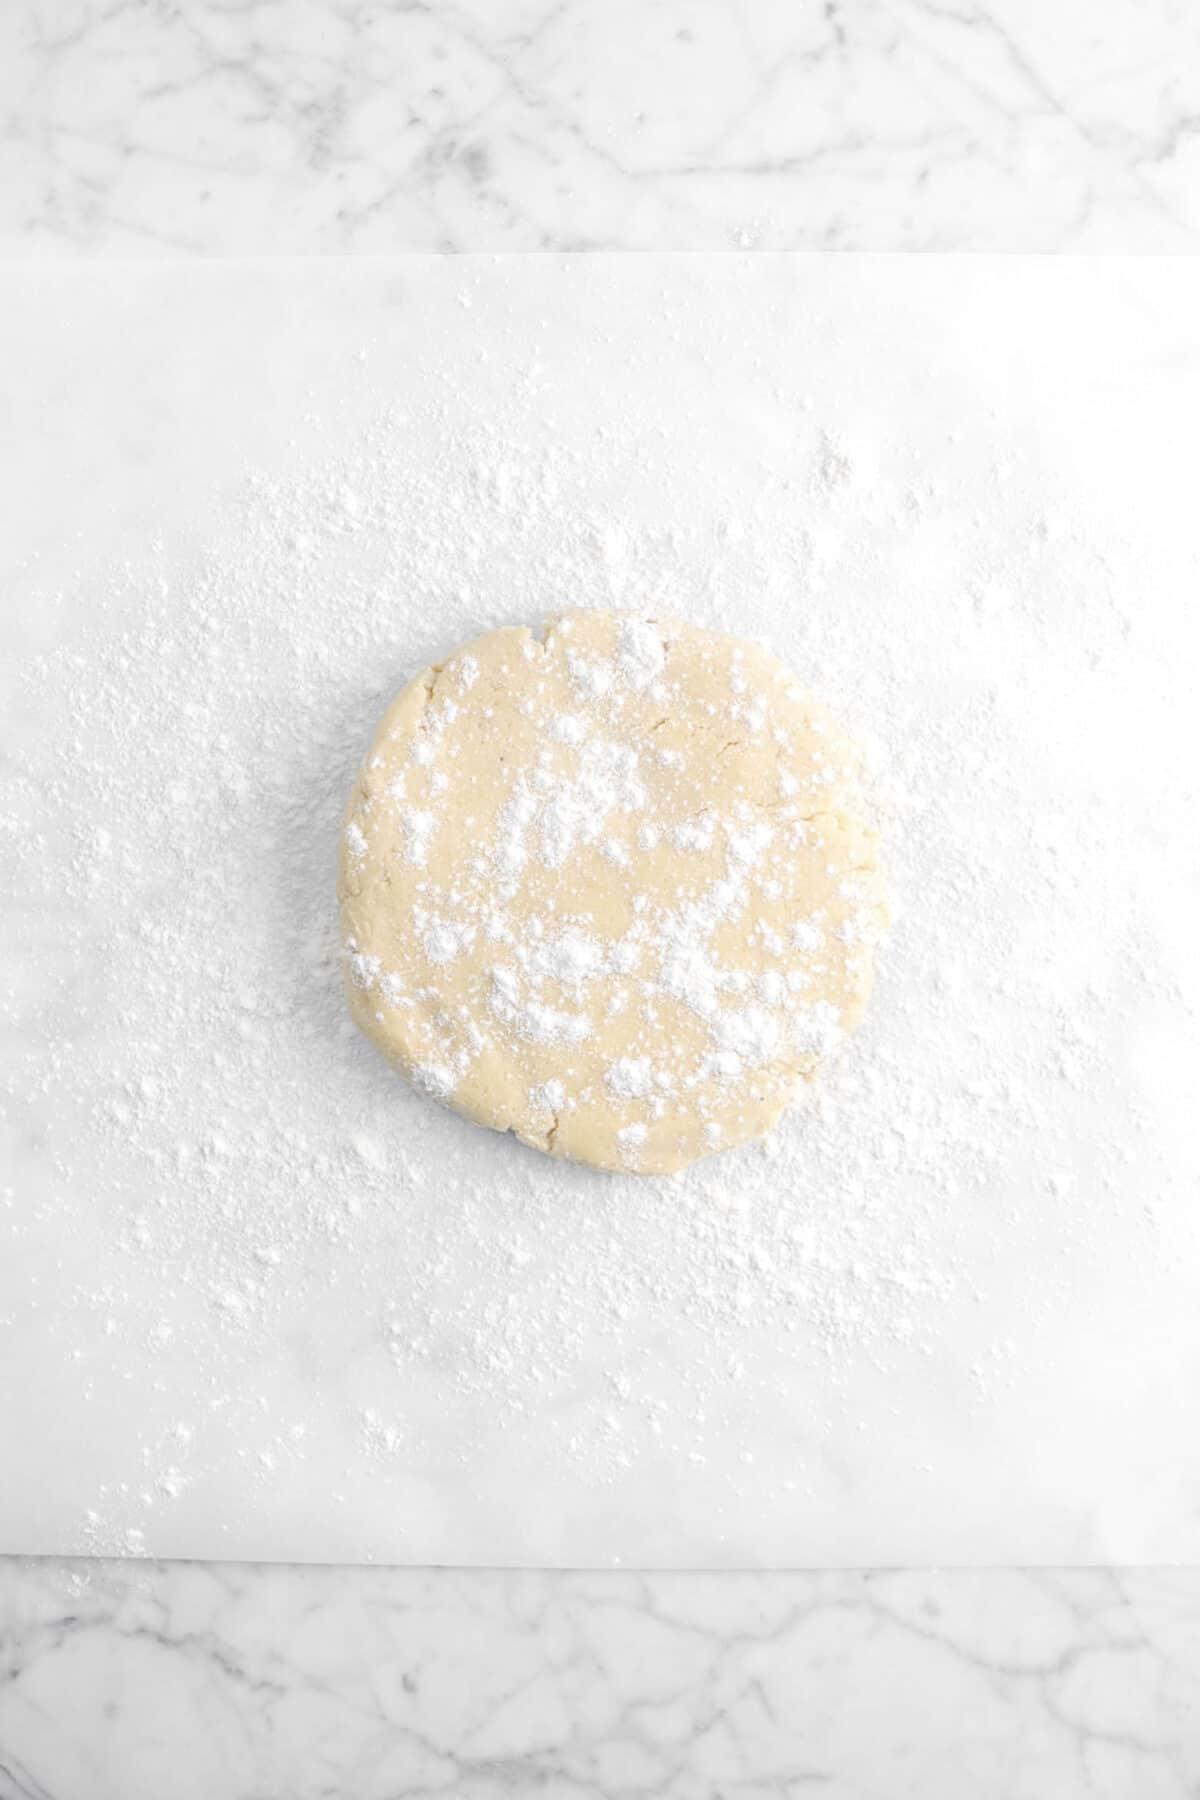 cookie dough on floured parchment